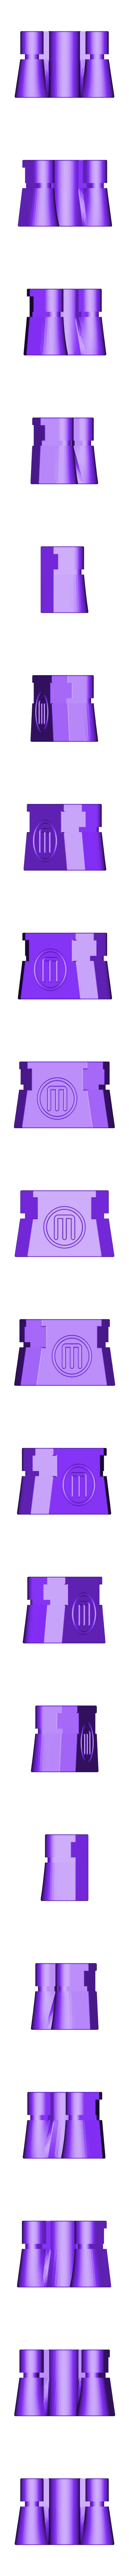 Quick_Change_-_Filiment_Easy_Guide.stl Télécharger fichier STL gratuit Changement rapide - Guide de filament facile pour le Réplicateur 2 • Design à imprimer en 3D, Gaenarra